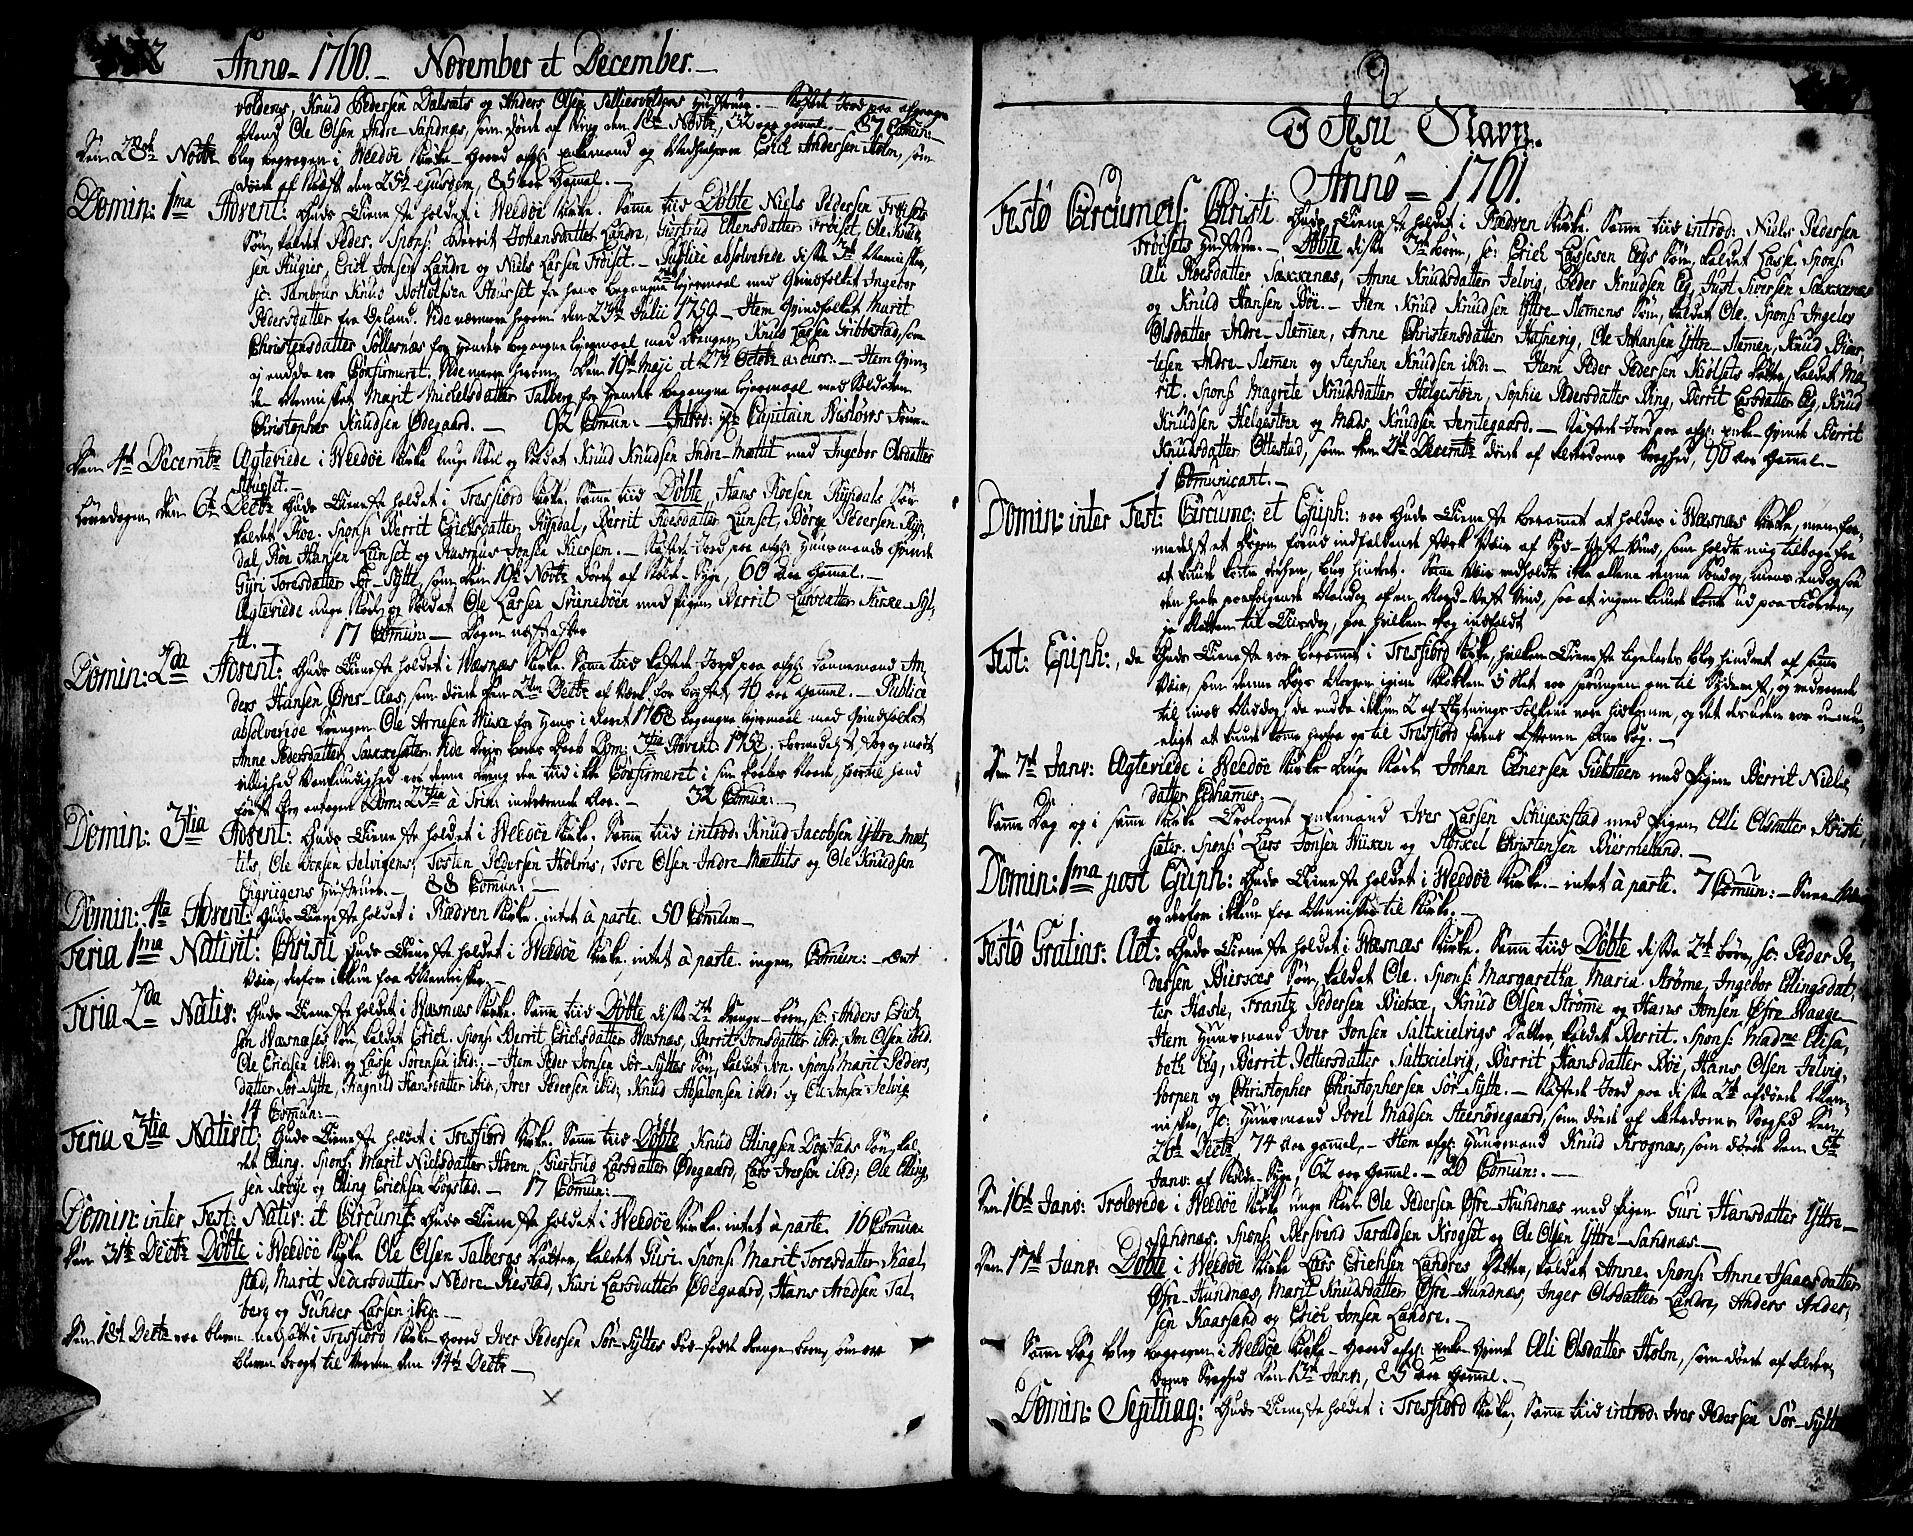 SAT, Ministerialprotokoller, klokkerbøker og fødselsregistre - Møre og Romsdal, 547/L0599: Ministerialbok nr. 547A01, 1721-1764, s. 472-473